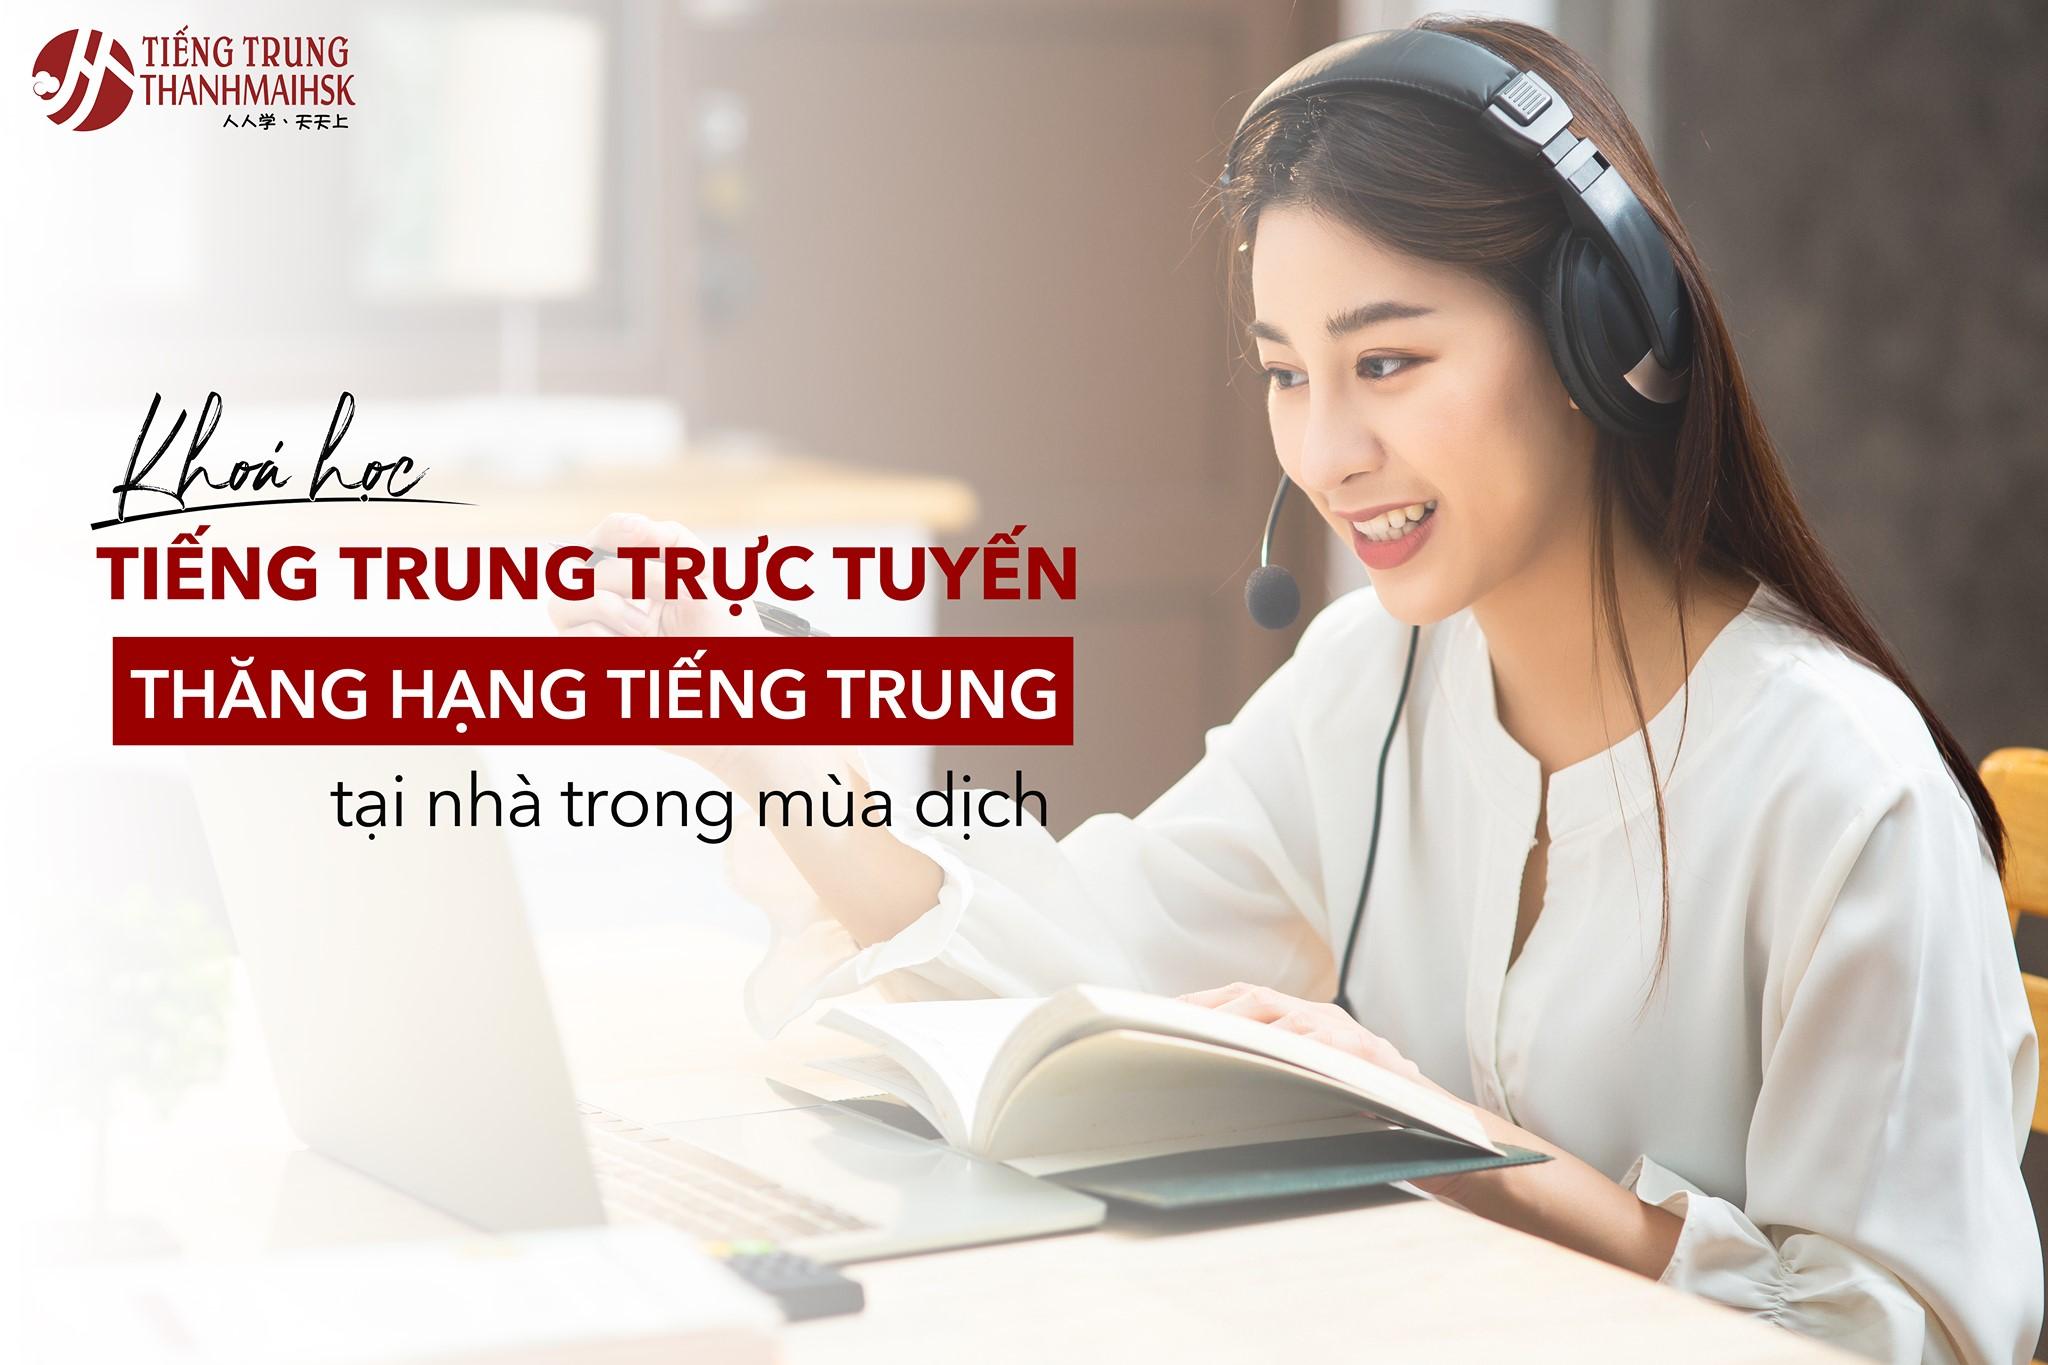 Hình ảnh review khóa học tiếng Trung online